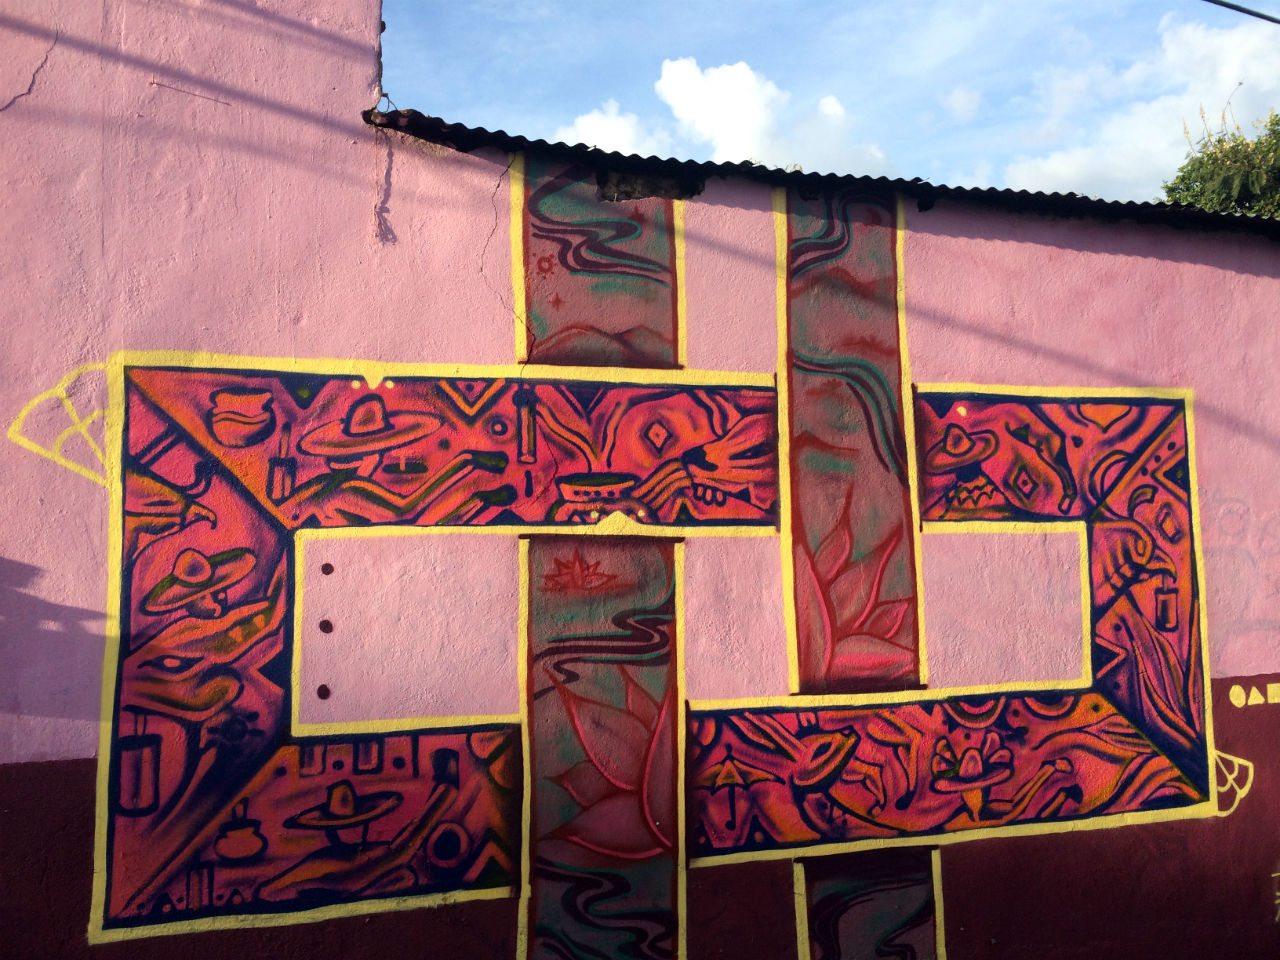 Mural en el barrio de Xochimilco.